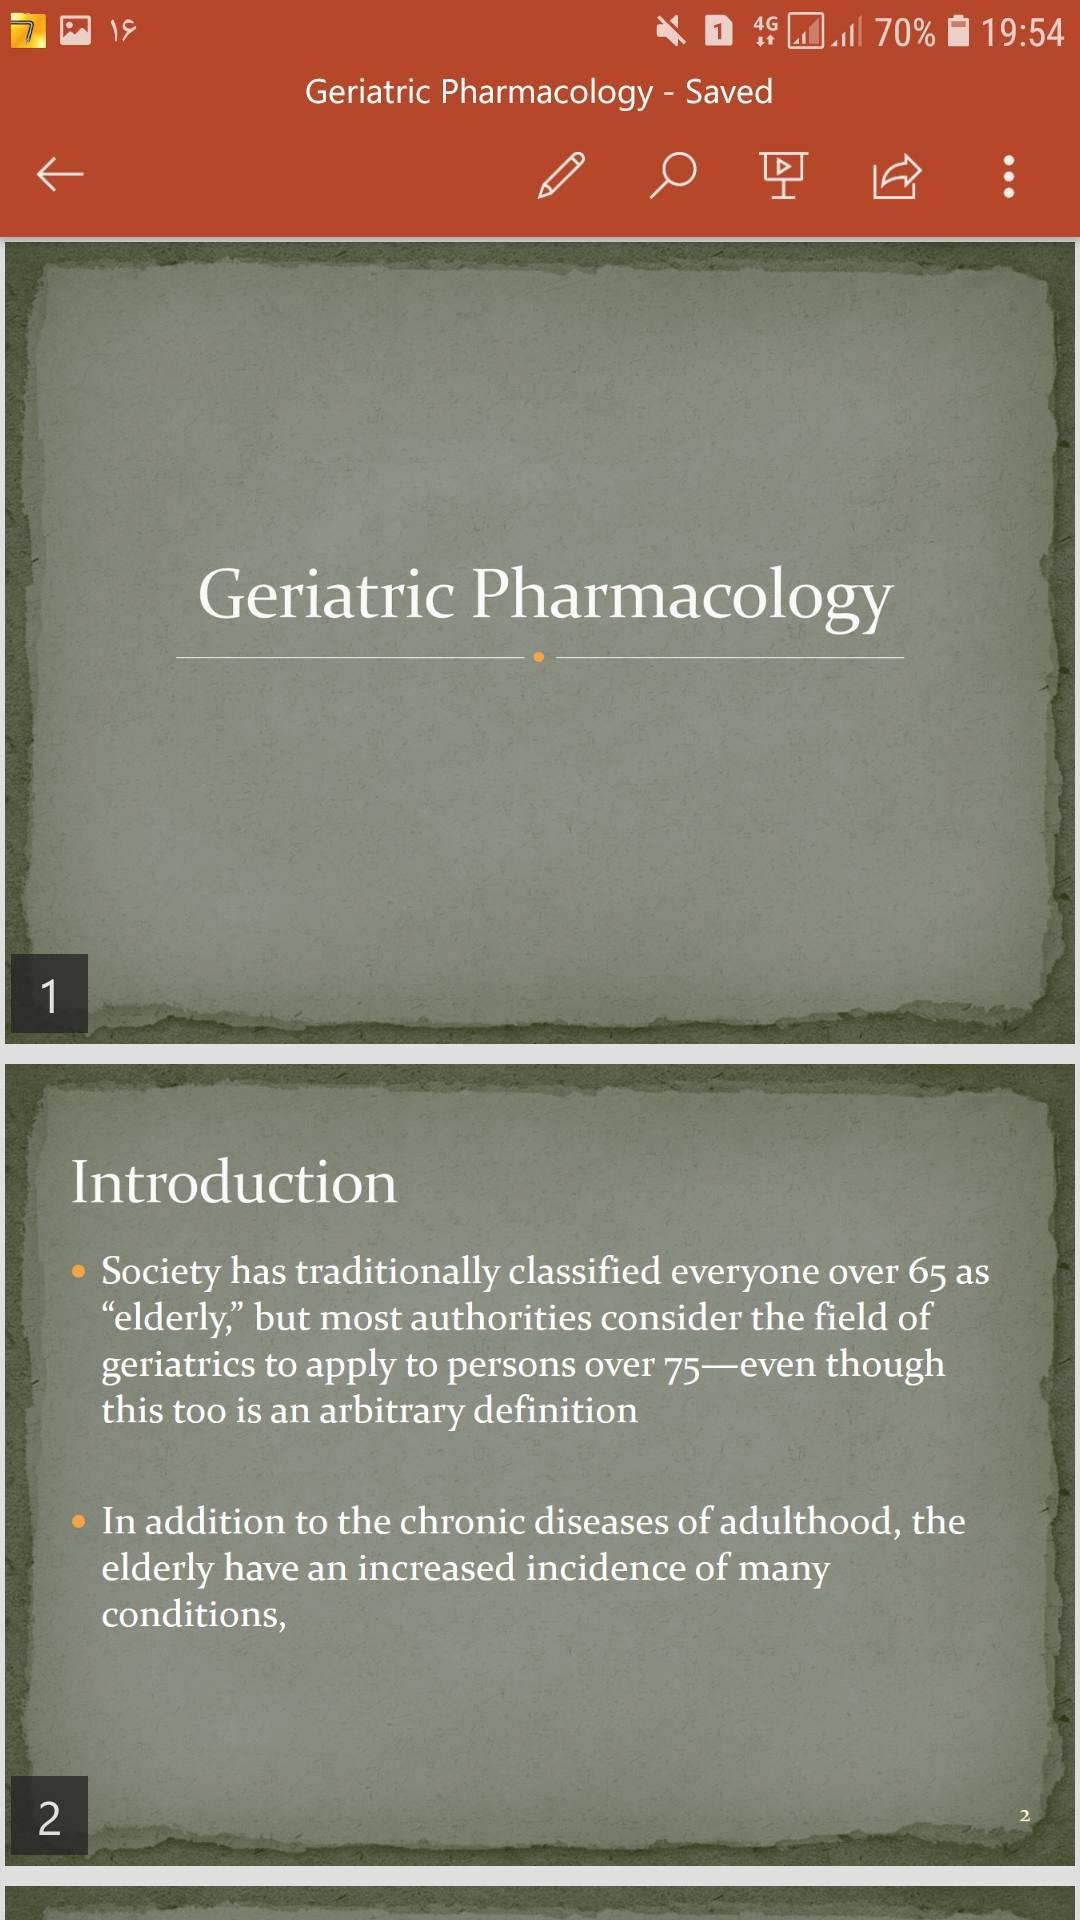 پاورپوینت انگلیسیgeriatric pharmacology